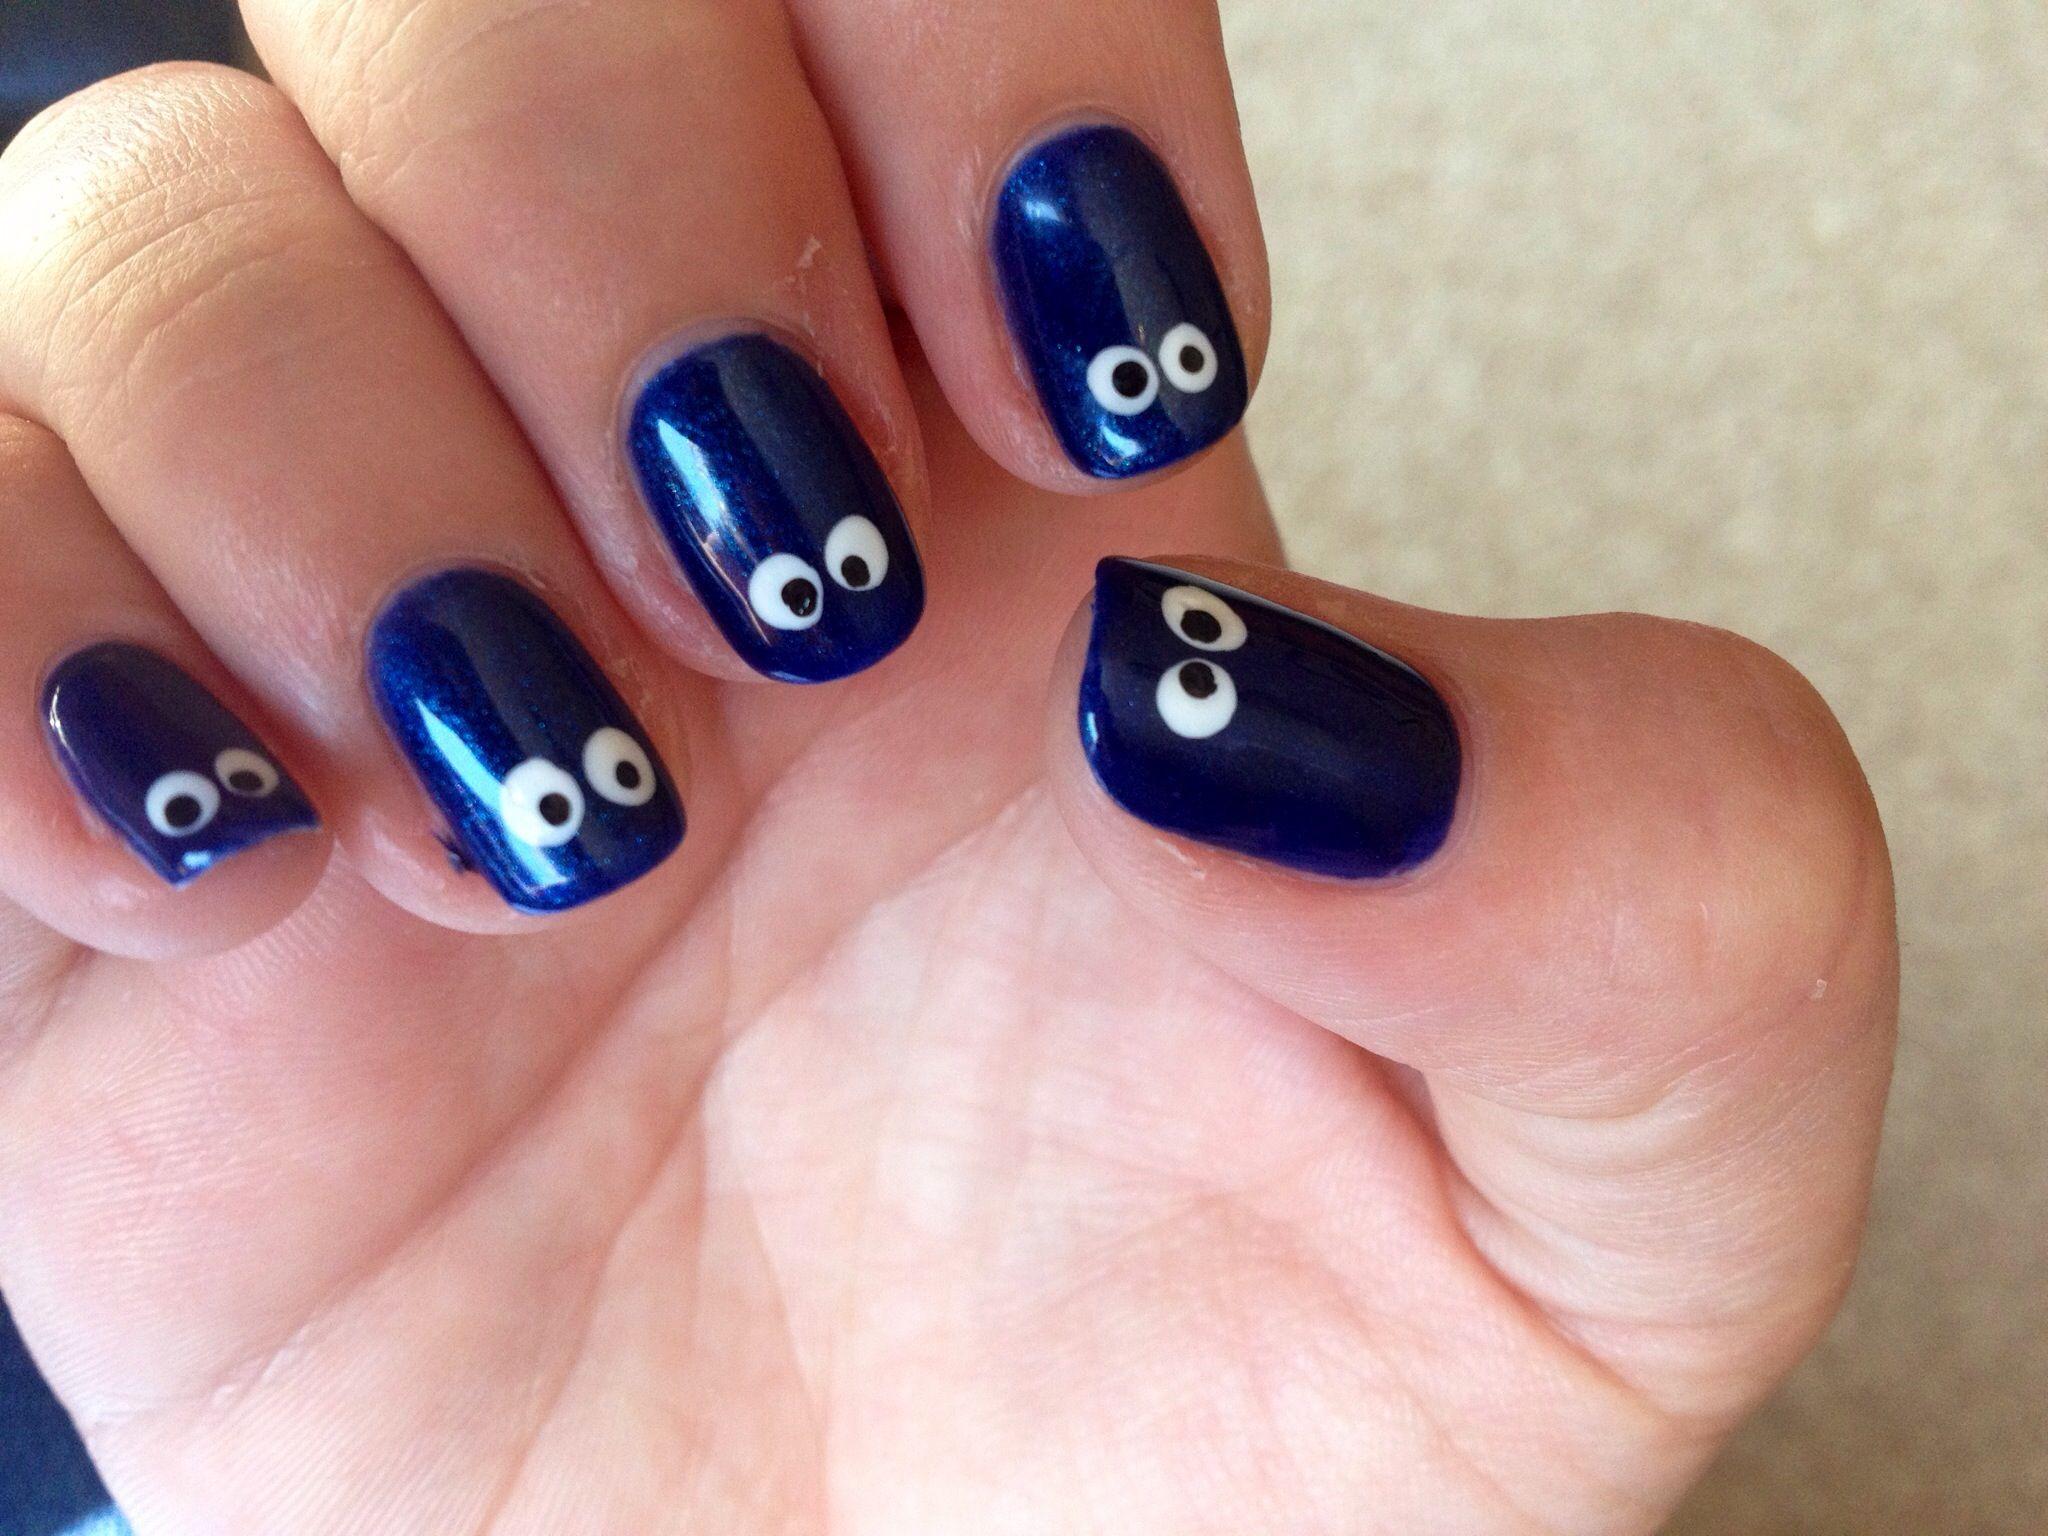 Gelish | Fashion nails, My nails, Fun nails